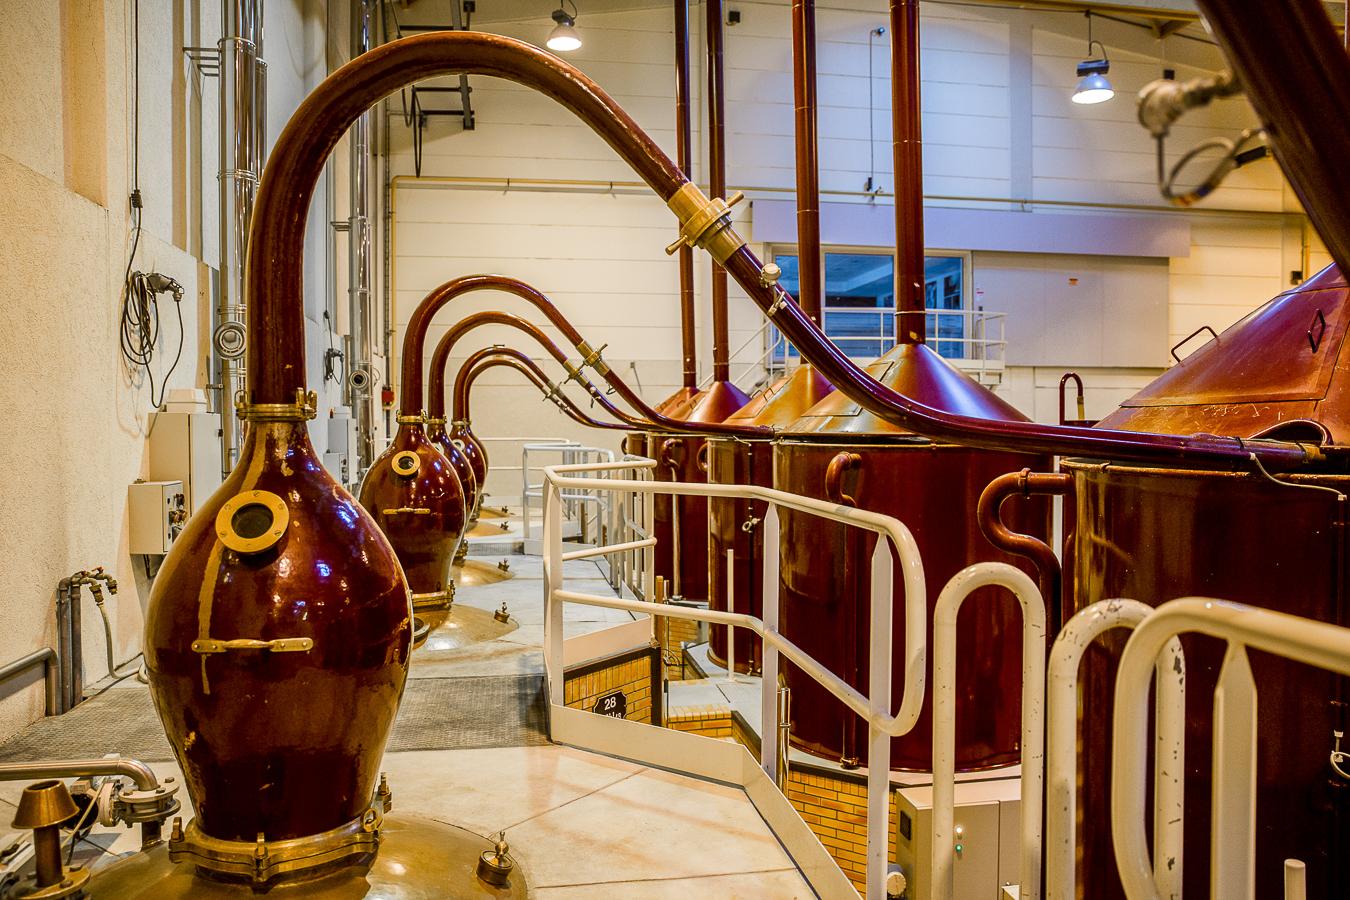 Martell_Distillerie_Janv2016_Cognac_Jerusalmi109